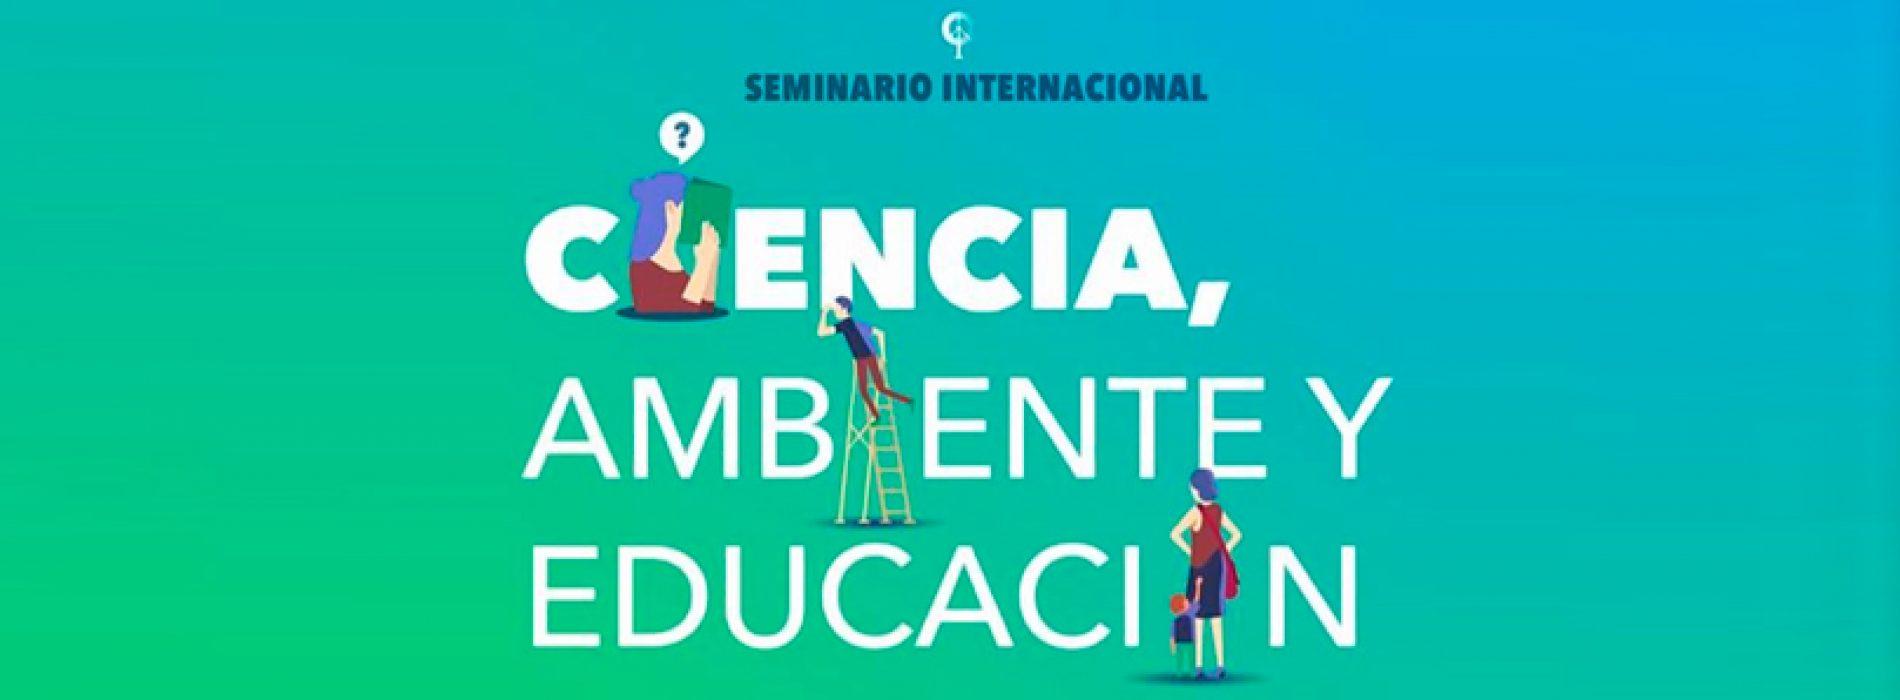 Ciencia, Ambiente y Educación